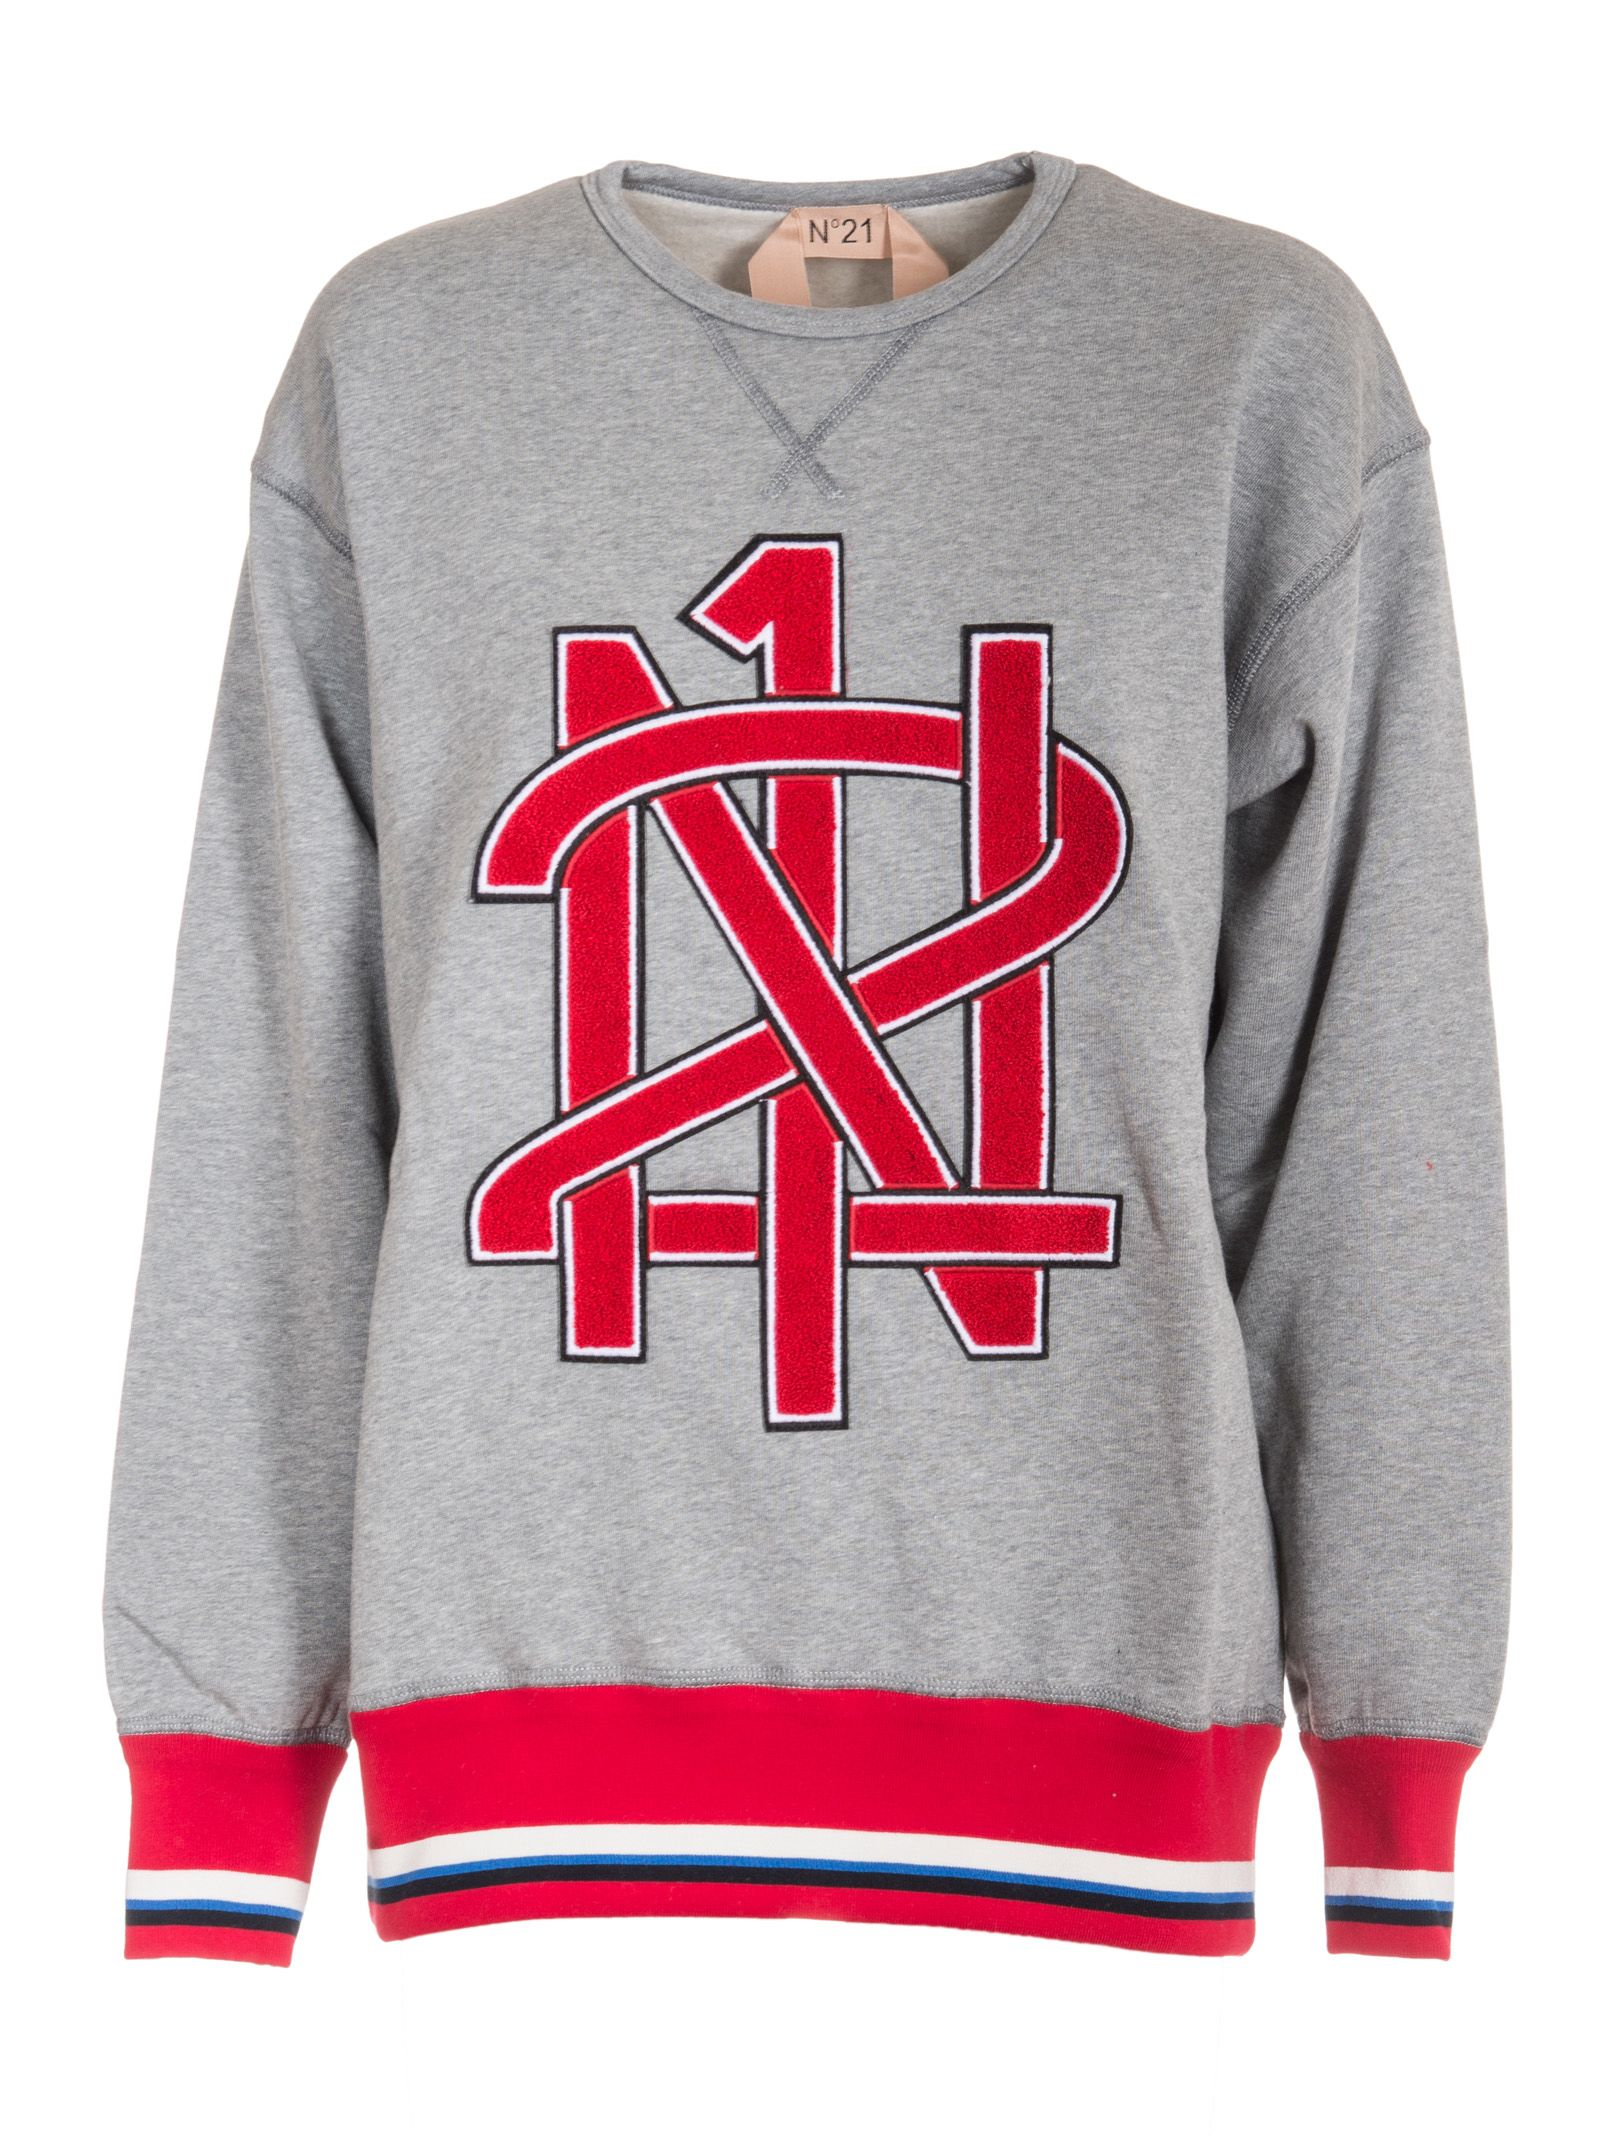 N.21 Branded Sweatshirt